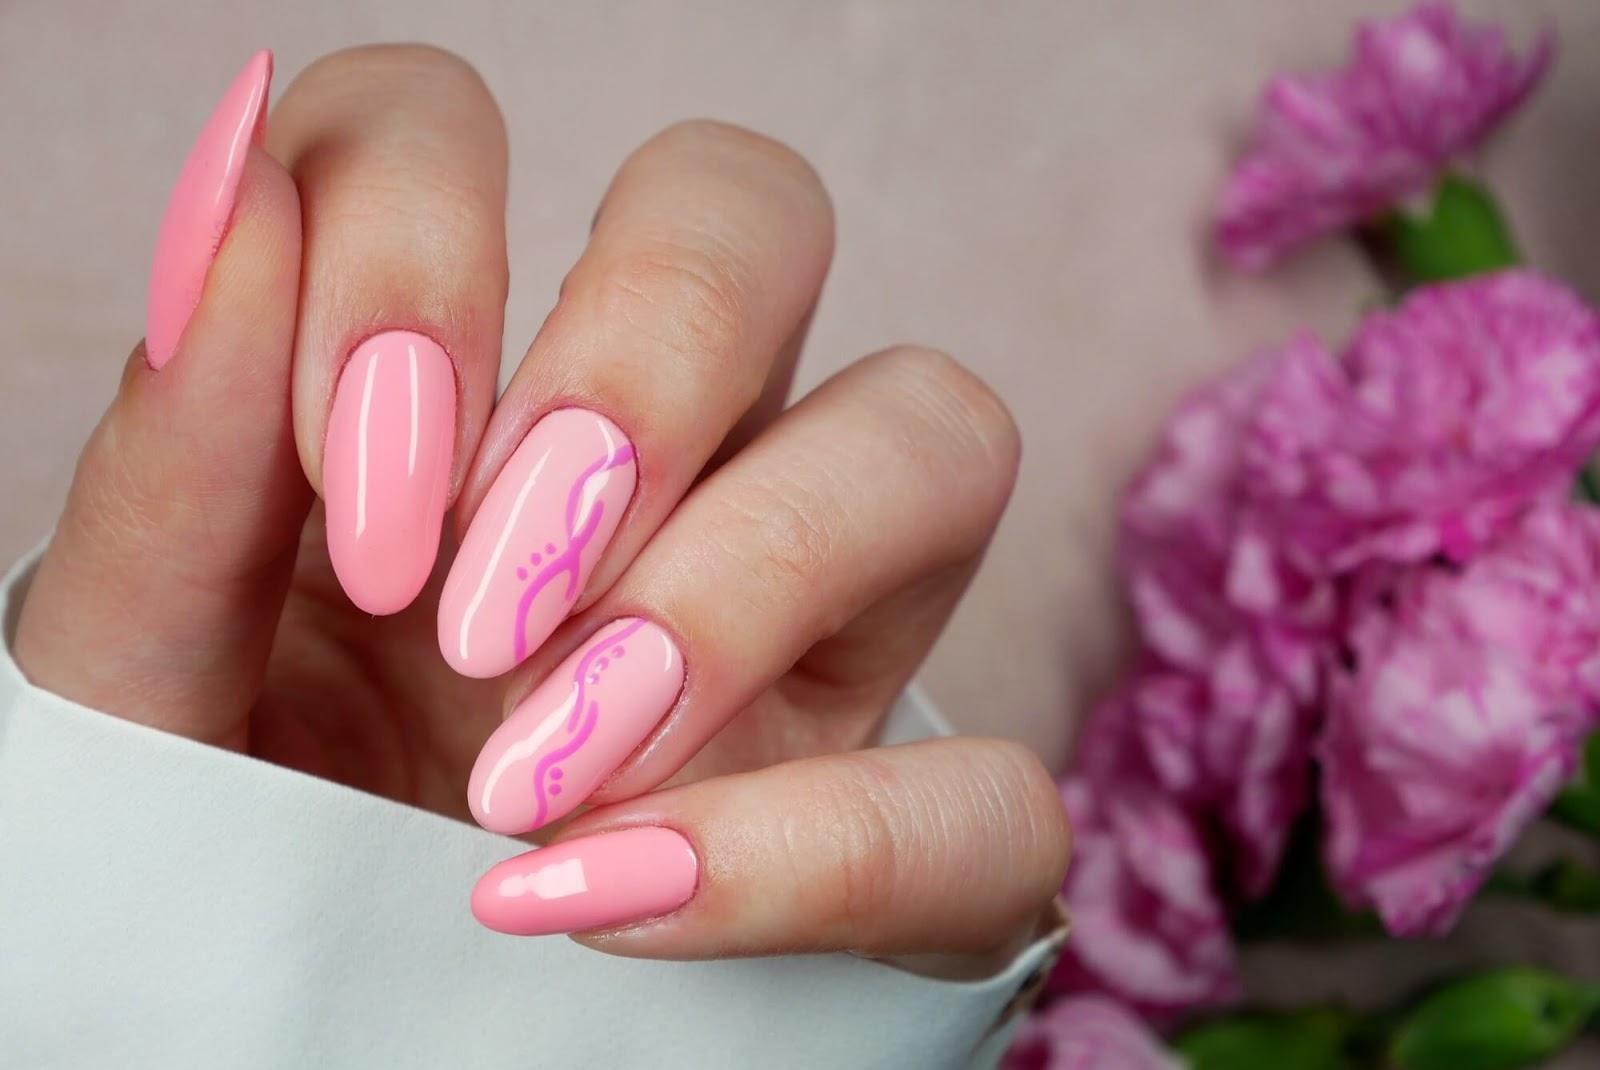 paznokcie - pastelowe kolory